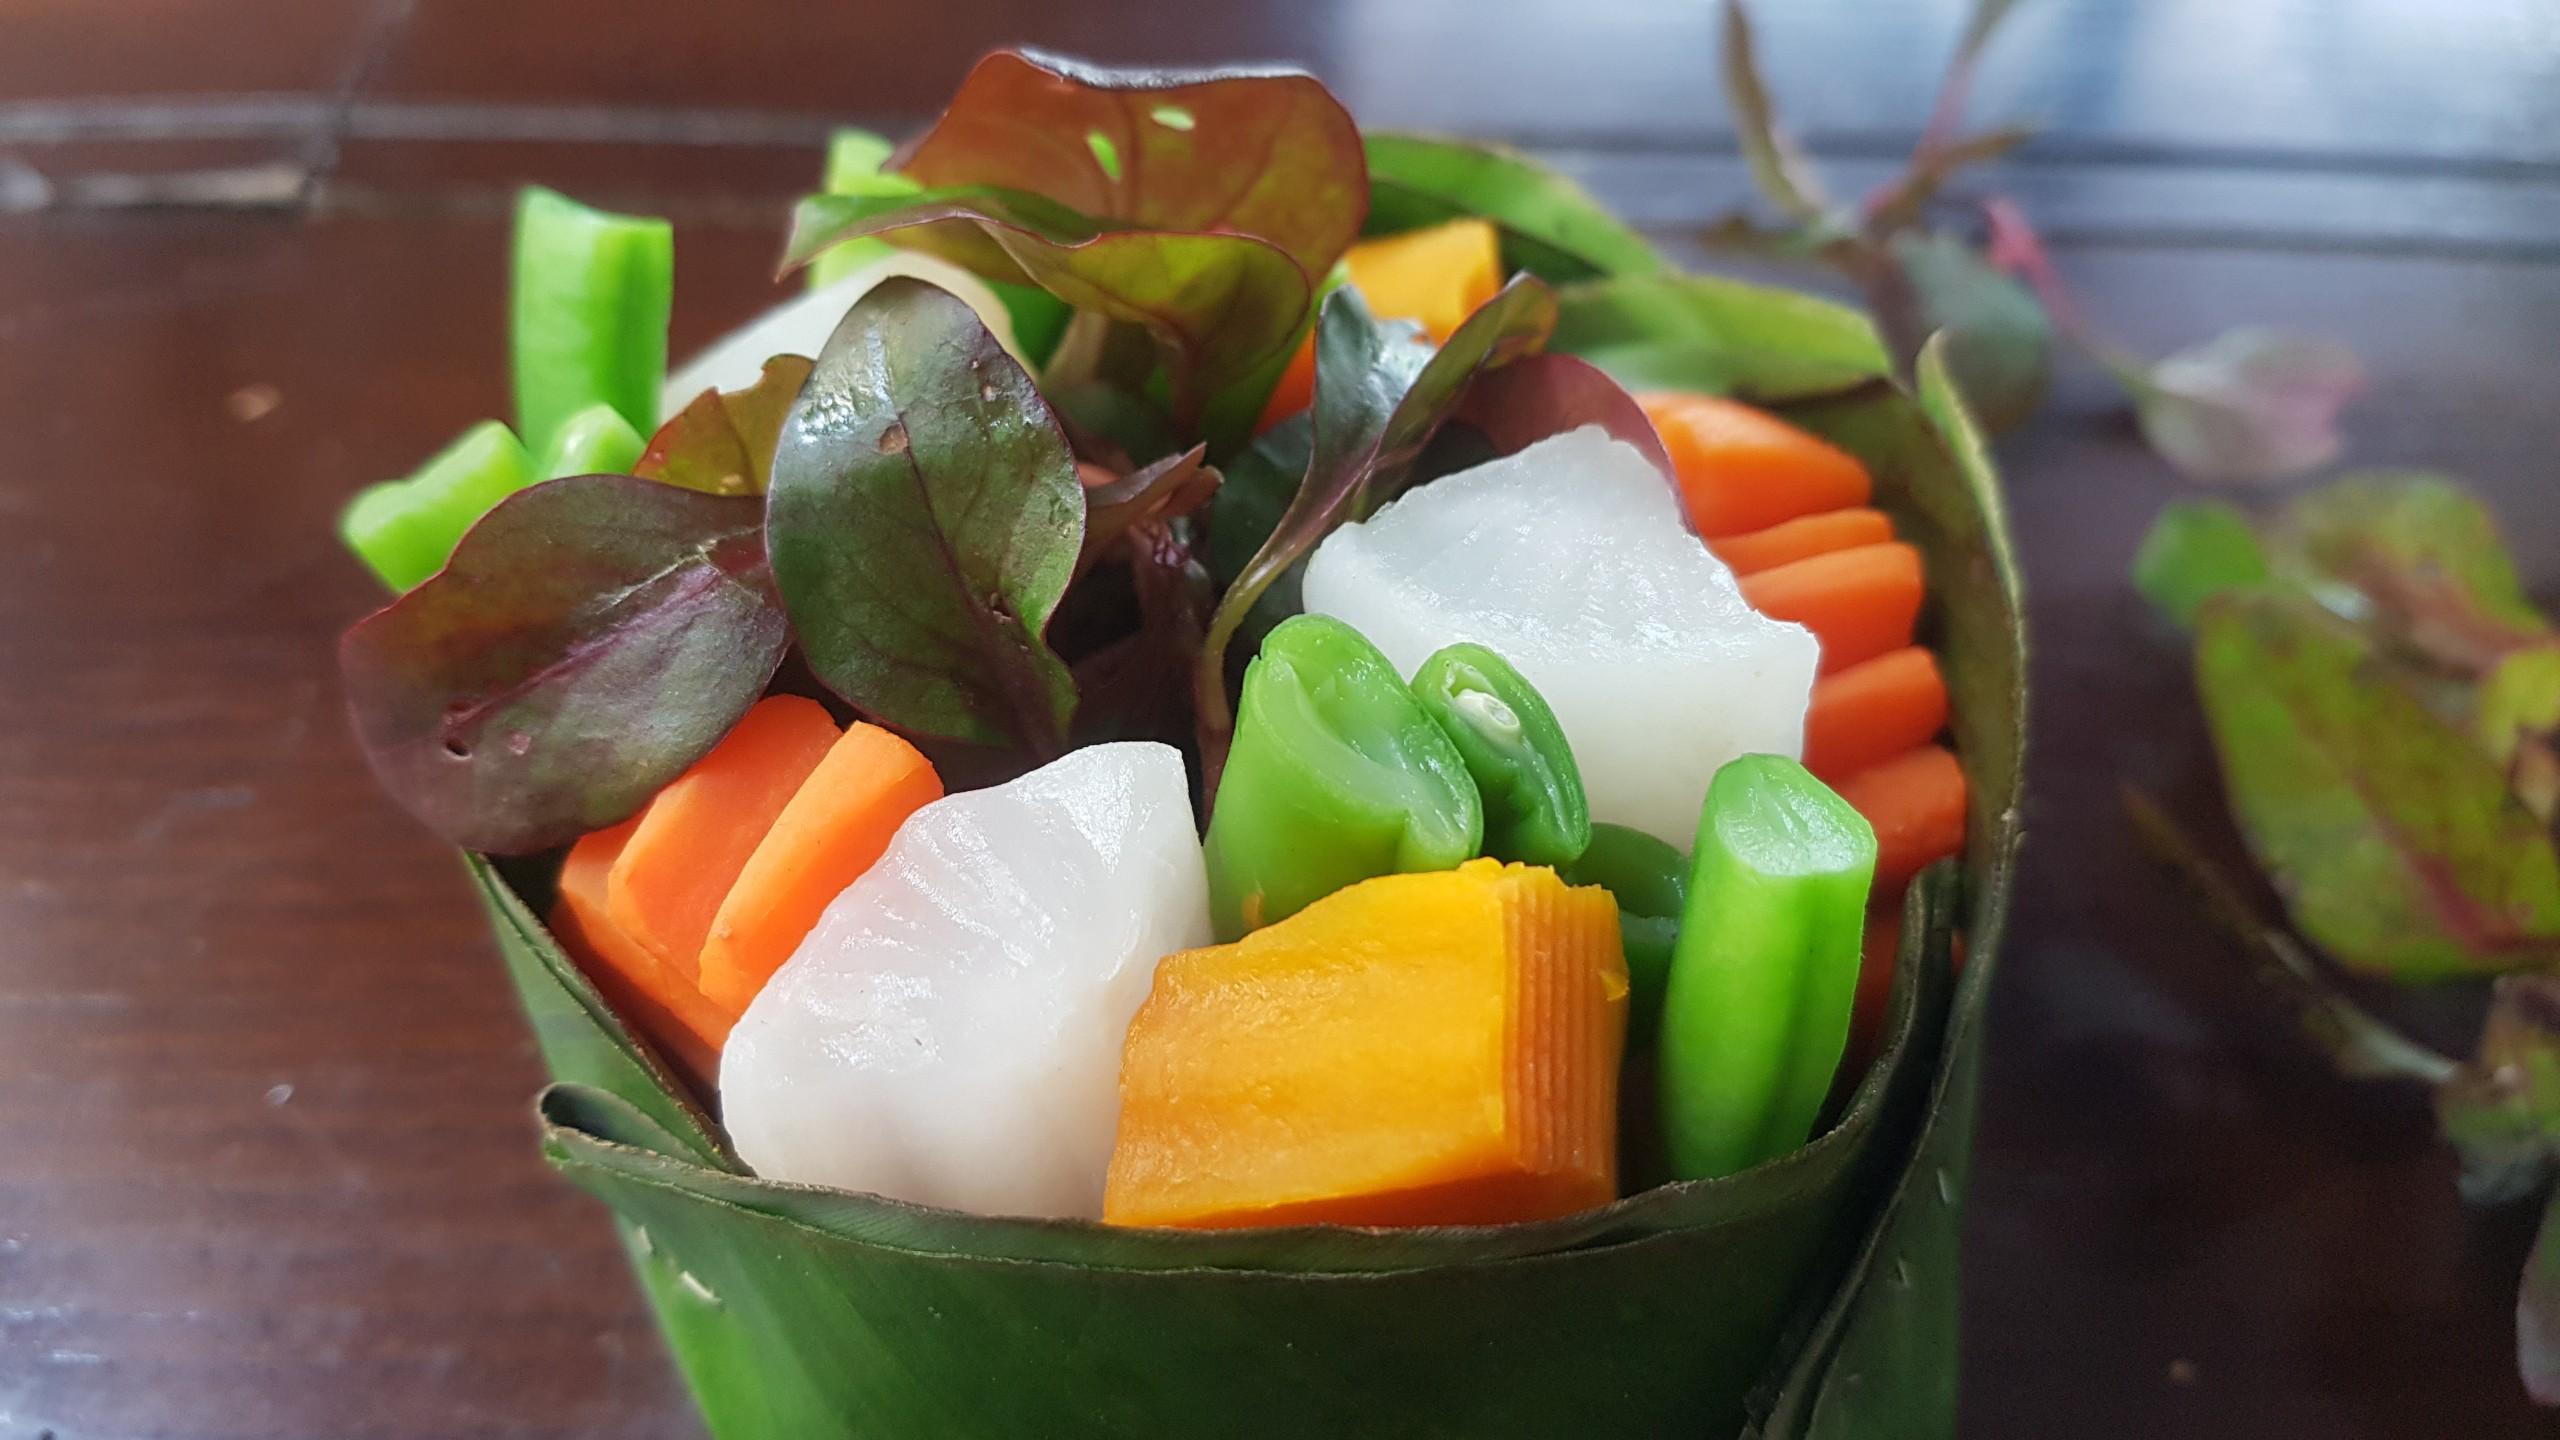 Bếp trưởng hướng dẫn làm mâm cỗ chay hương hoa mừng đại lễ Phật đản 2021 - Ảnh 6.